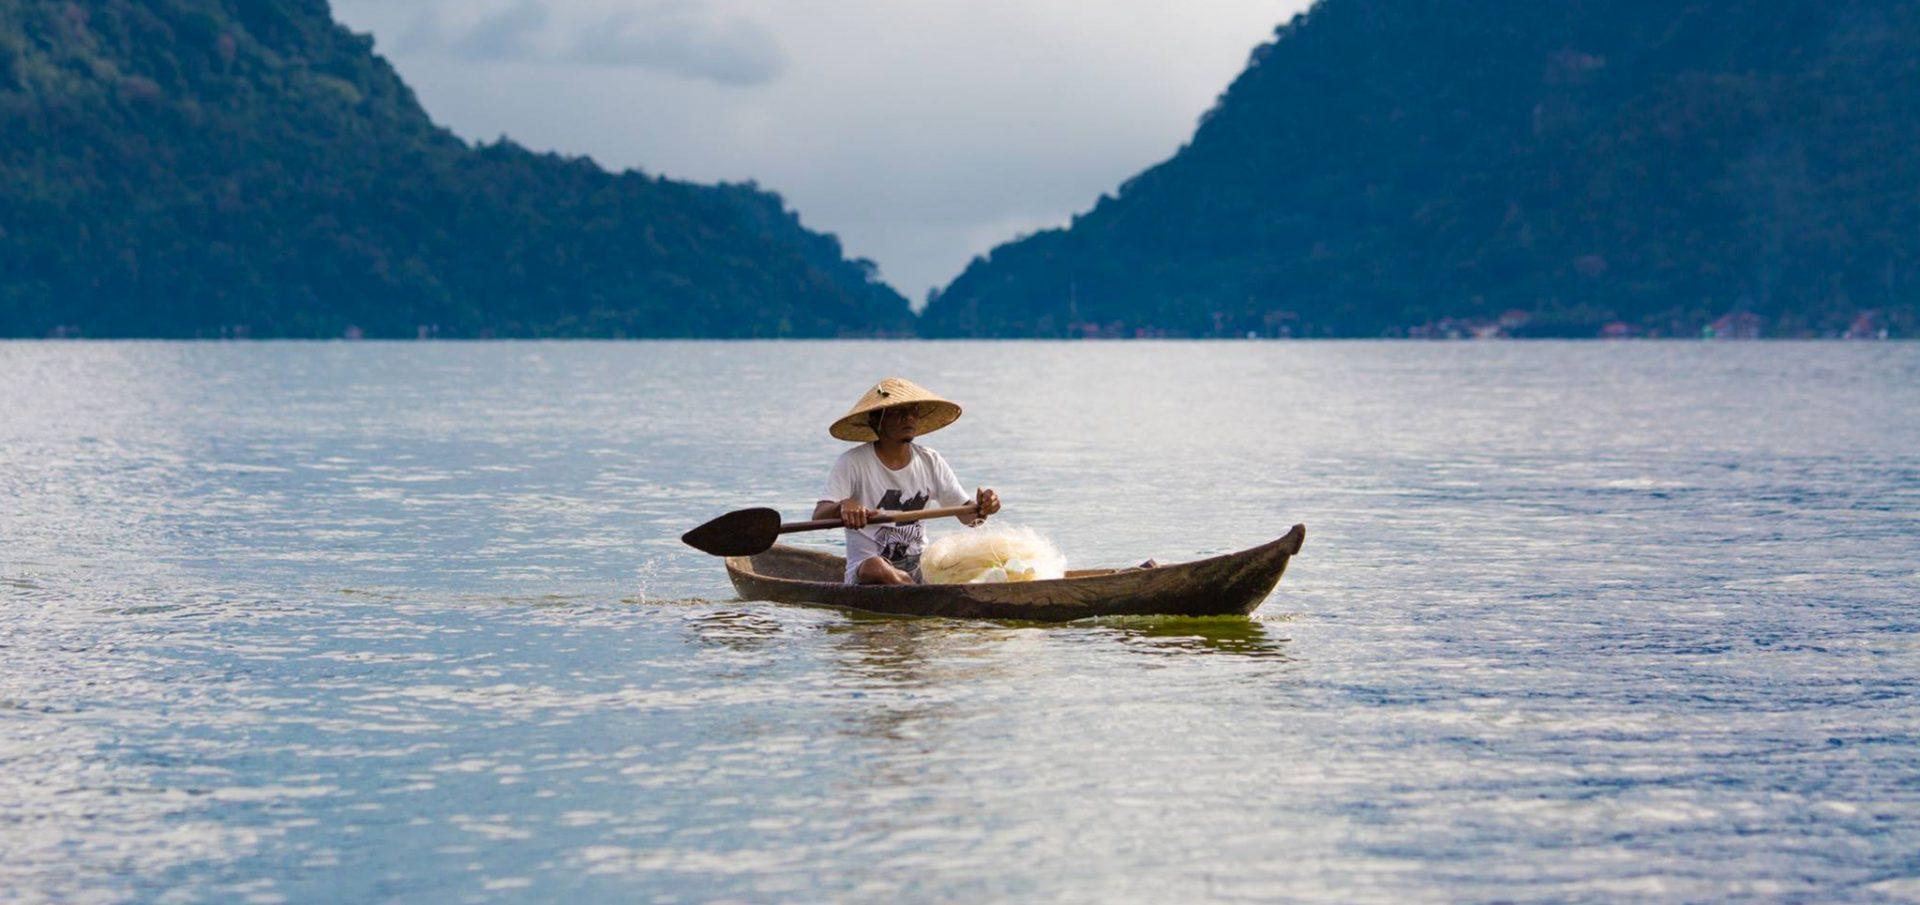 Voyages équitables et solidaires à Sumatra